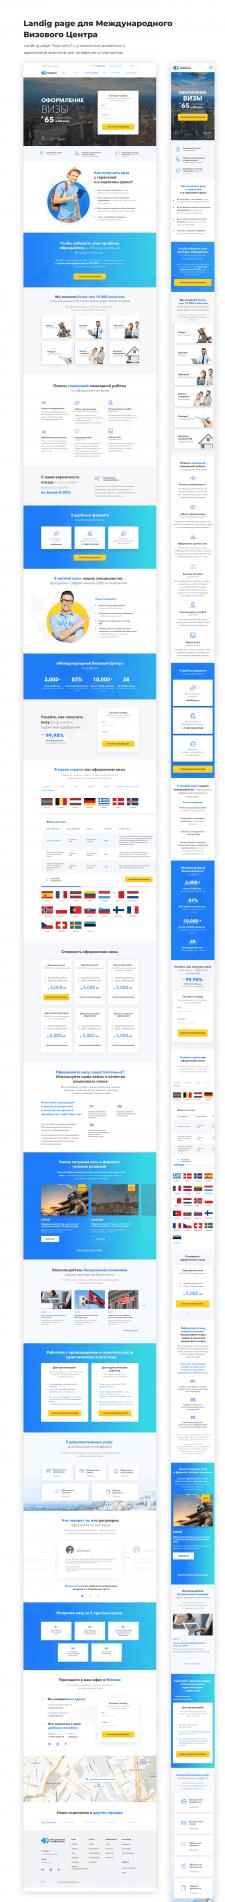 Landig page для Международного Визового Центра